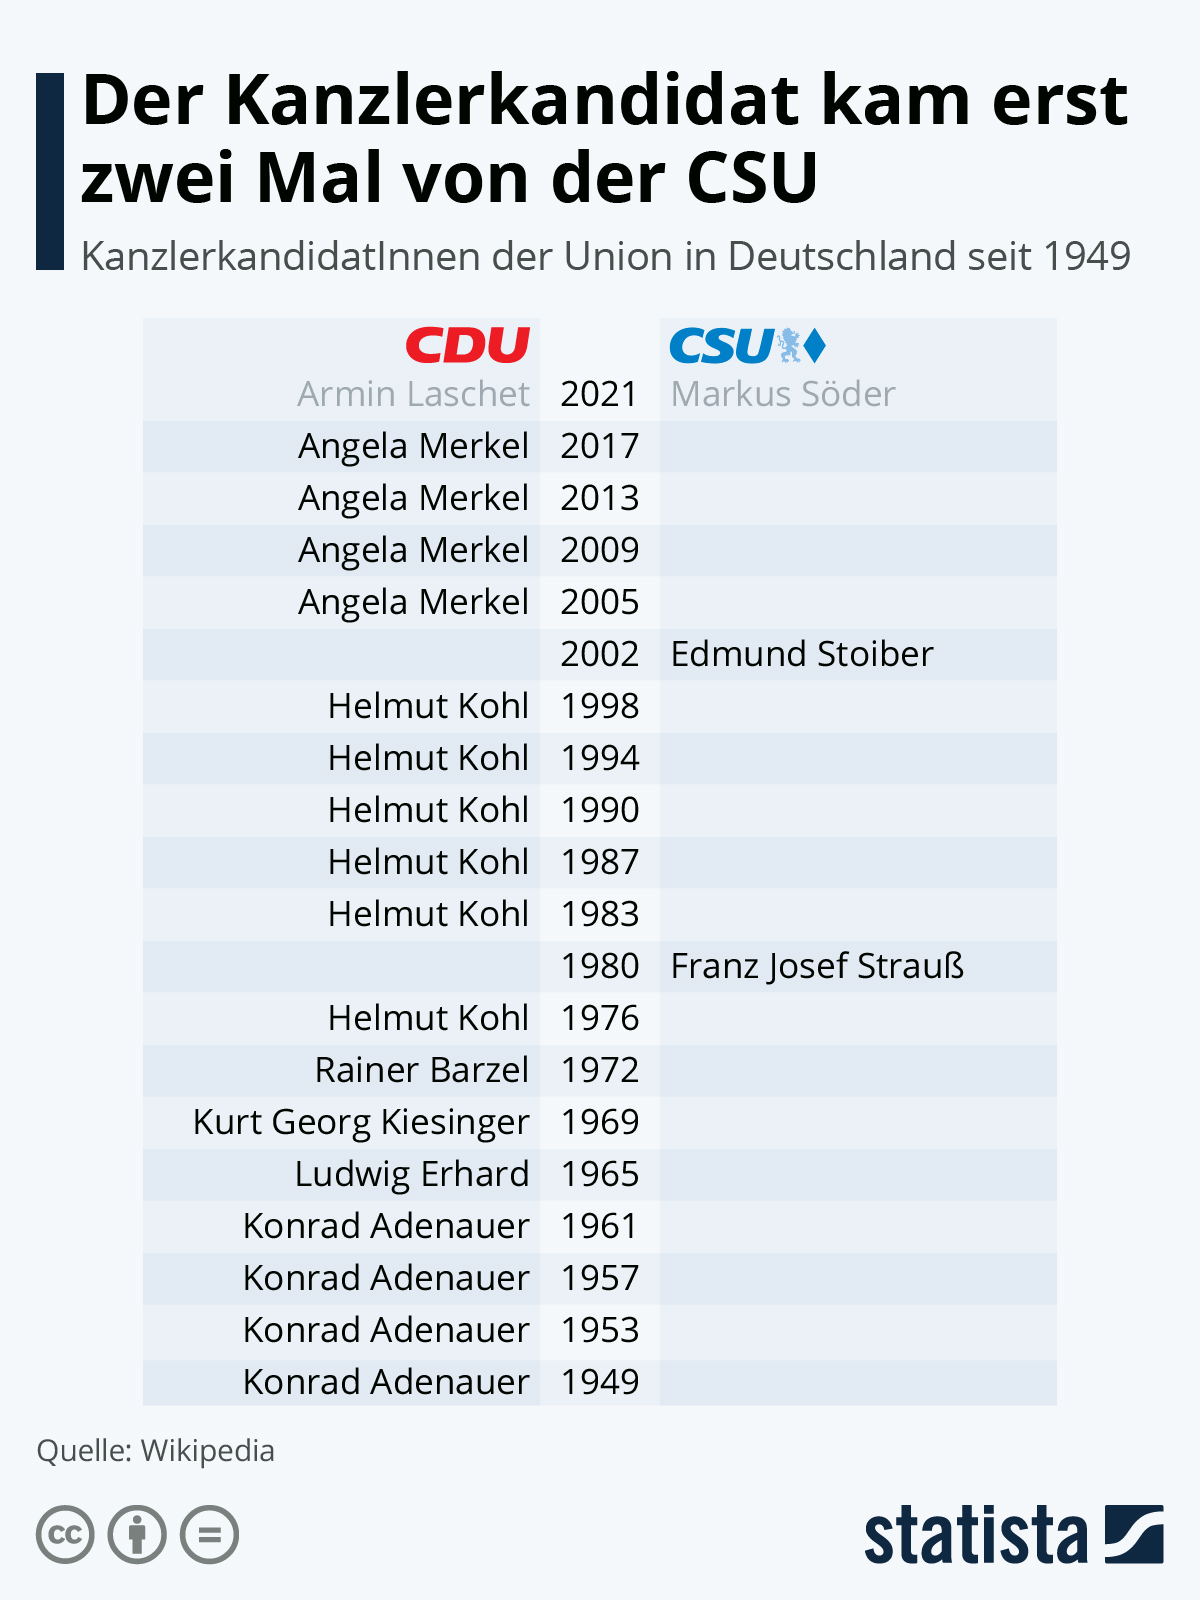 Infografik: Erst zwei Mal kam der Kanzlerkandidat von der CSU | Statista